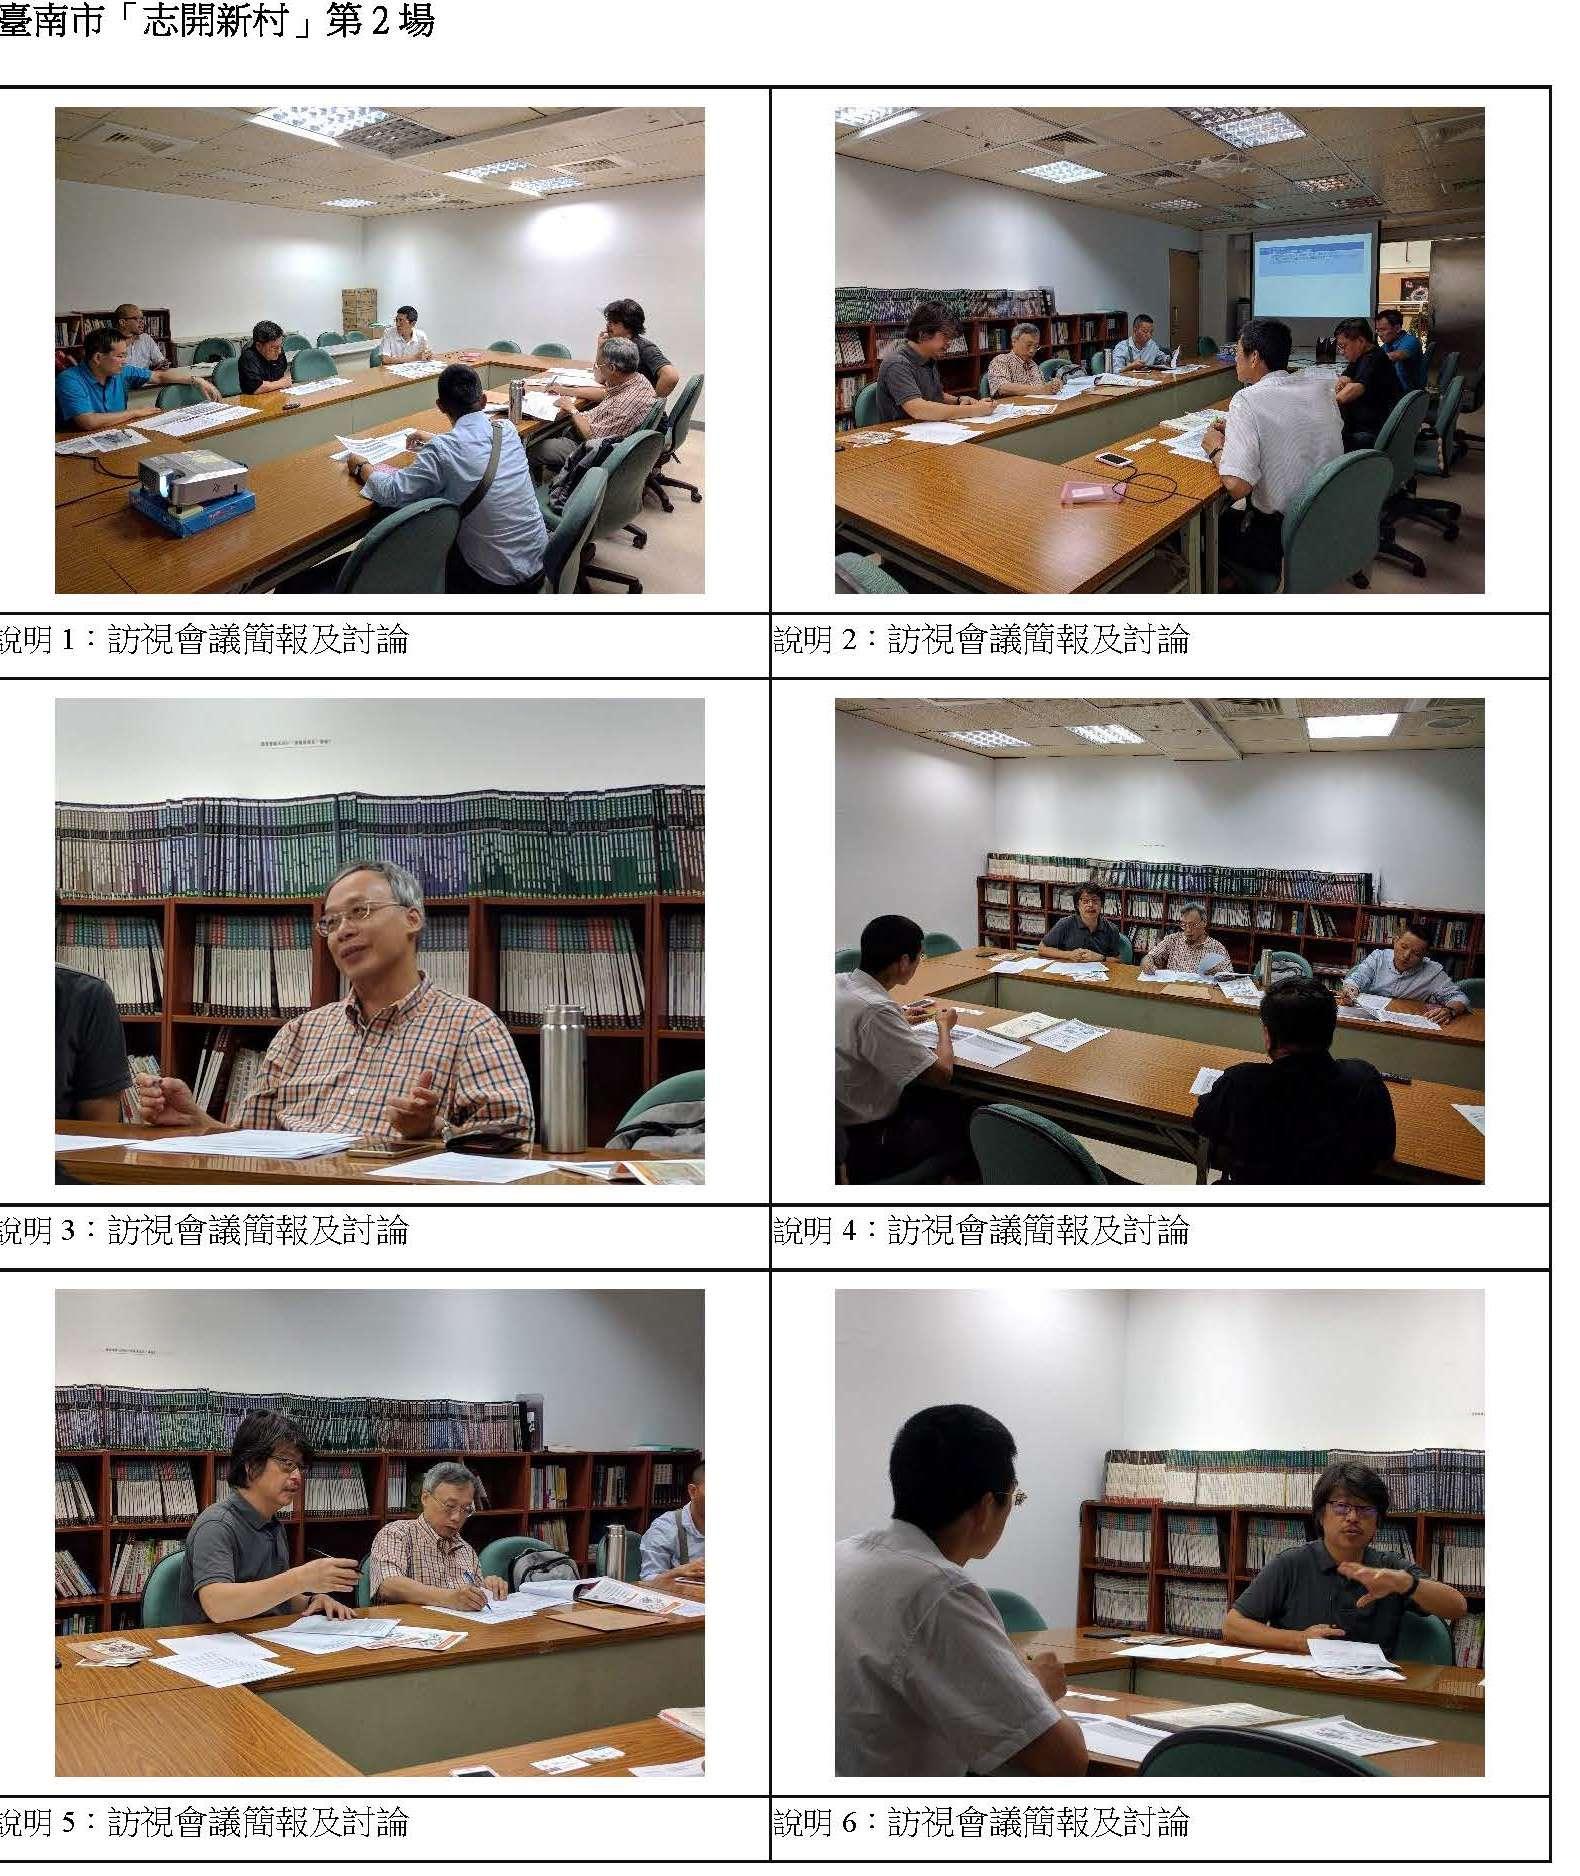 臺南市「志開新村」第2場-相片.jpg